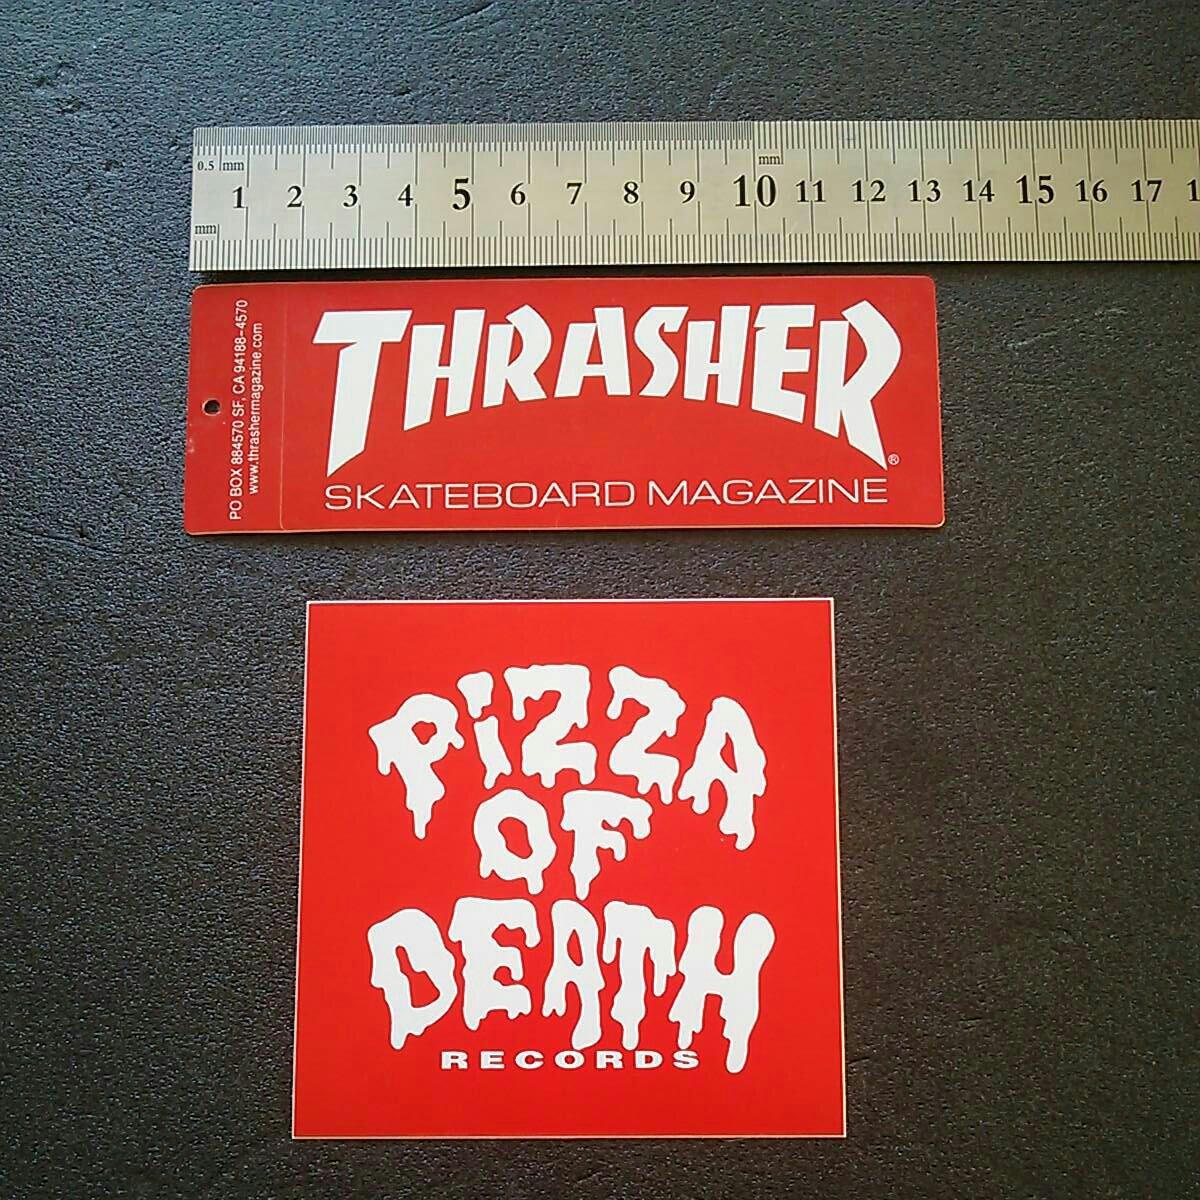 送料無料! 正規・非売品!PIZZA OF DEATH・THRASHER ステッカーset HI-STANDARD 横山健 WANIMA ハイスタ KEN YOKOYAMA スラッシャー